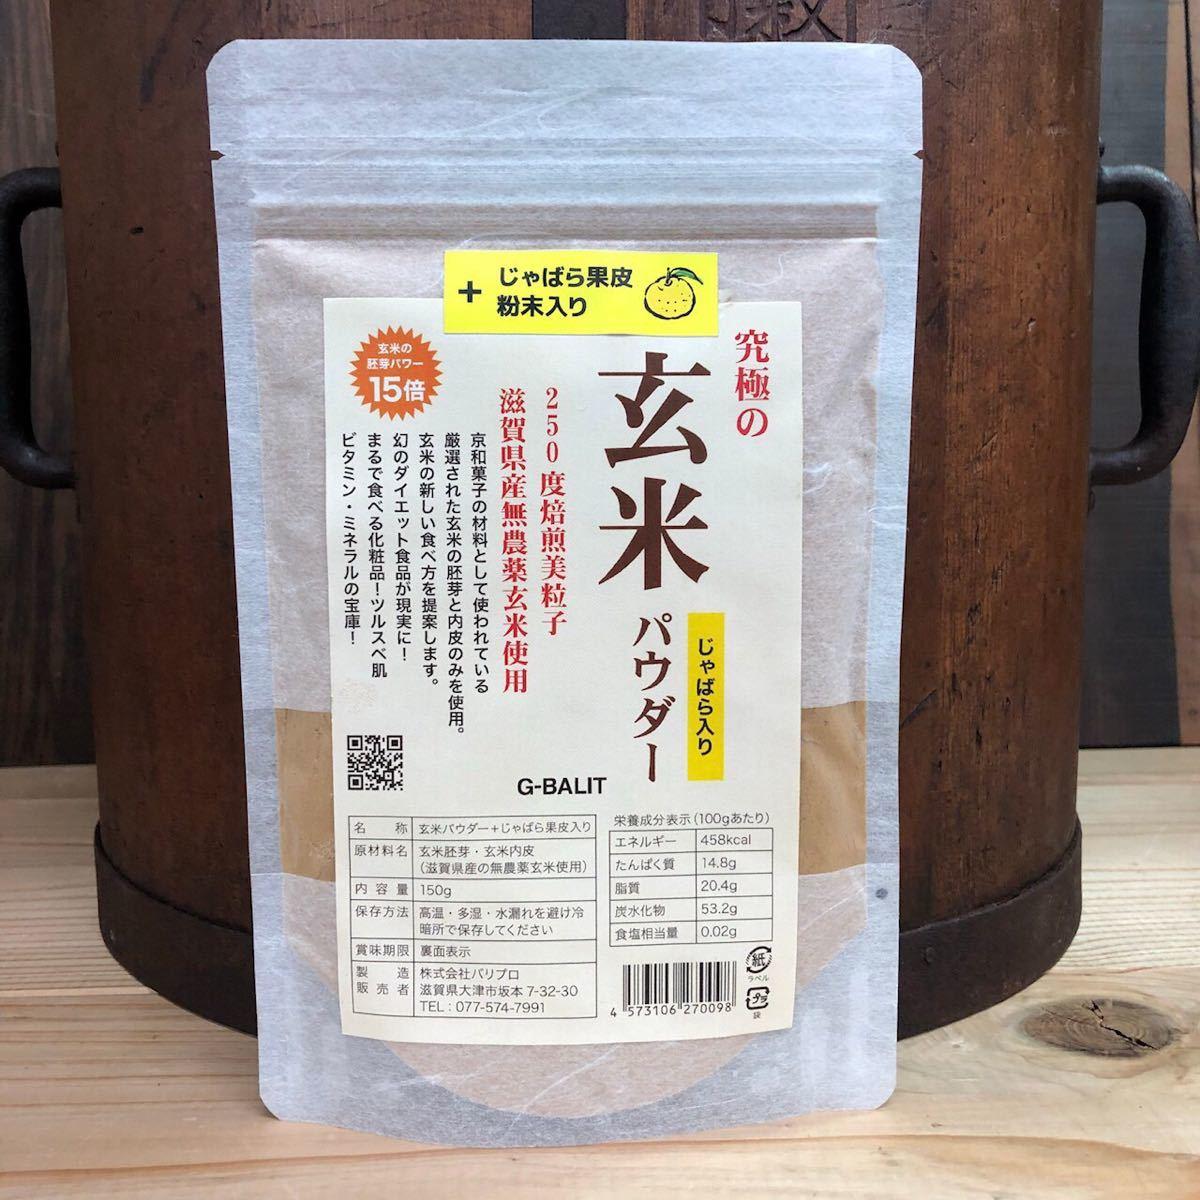 究極の玄米パウダーじゃばら果皮配合 150g 滋賀県産無農薬近江米使用 美粒子タイプ じゃばら 玄米 玄米粉じゃばら果皮 UP HADOO_画像1